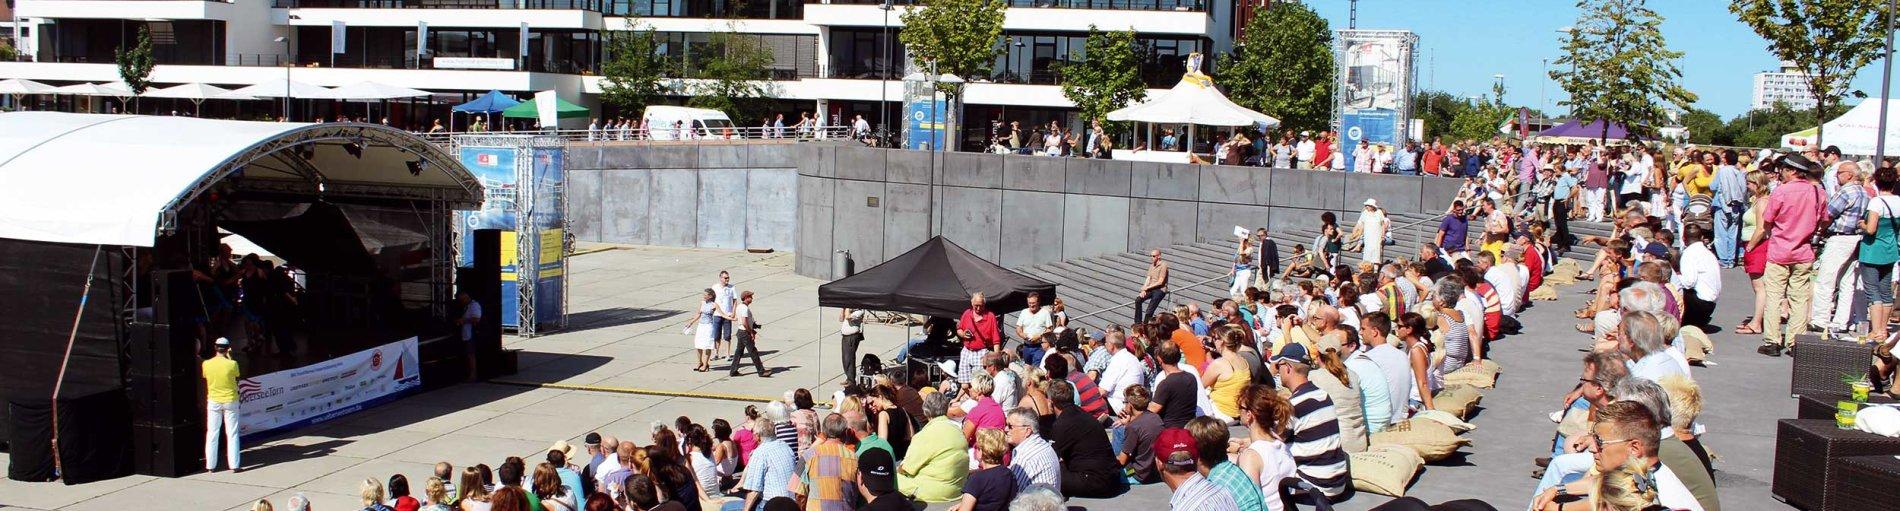 Eine breite Aufnahme des Europahafens mit viel Publikum und einer Bühne.